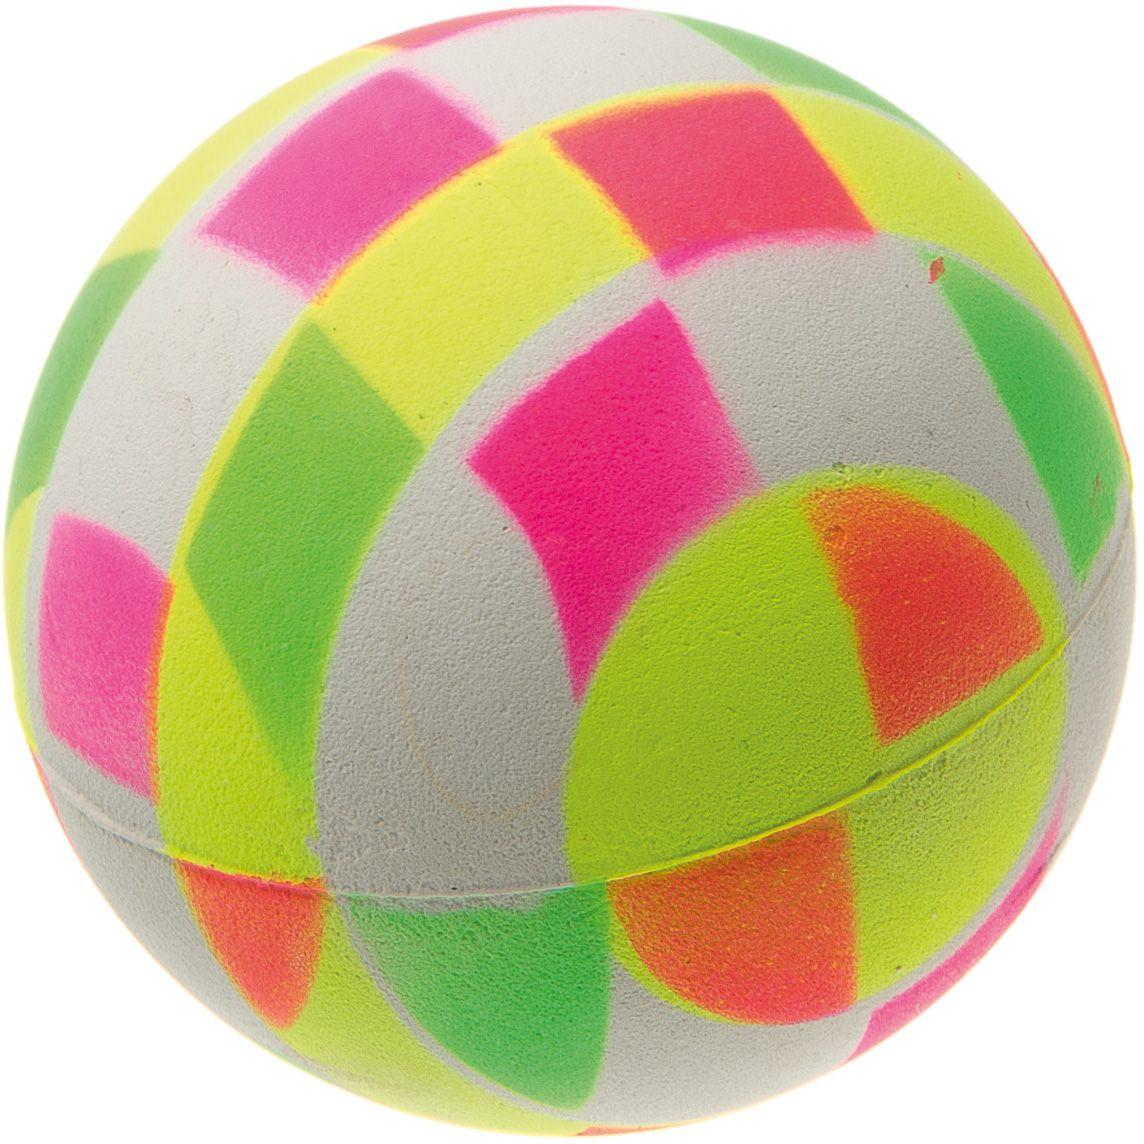 Мяч V.I.Pet Неон, цвет: мультиколор, диаметр 63 мм. 20-1120D-1272Мяч V.I.Pet Неон предназначен для игр, тренировок и активного отдыха с животными. Мяч заинтересует и увлечет вашего питомца. Сделана из абсолютно безопасного и качественного материала. Материал: вспененная резина.